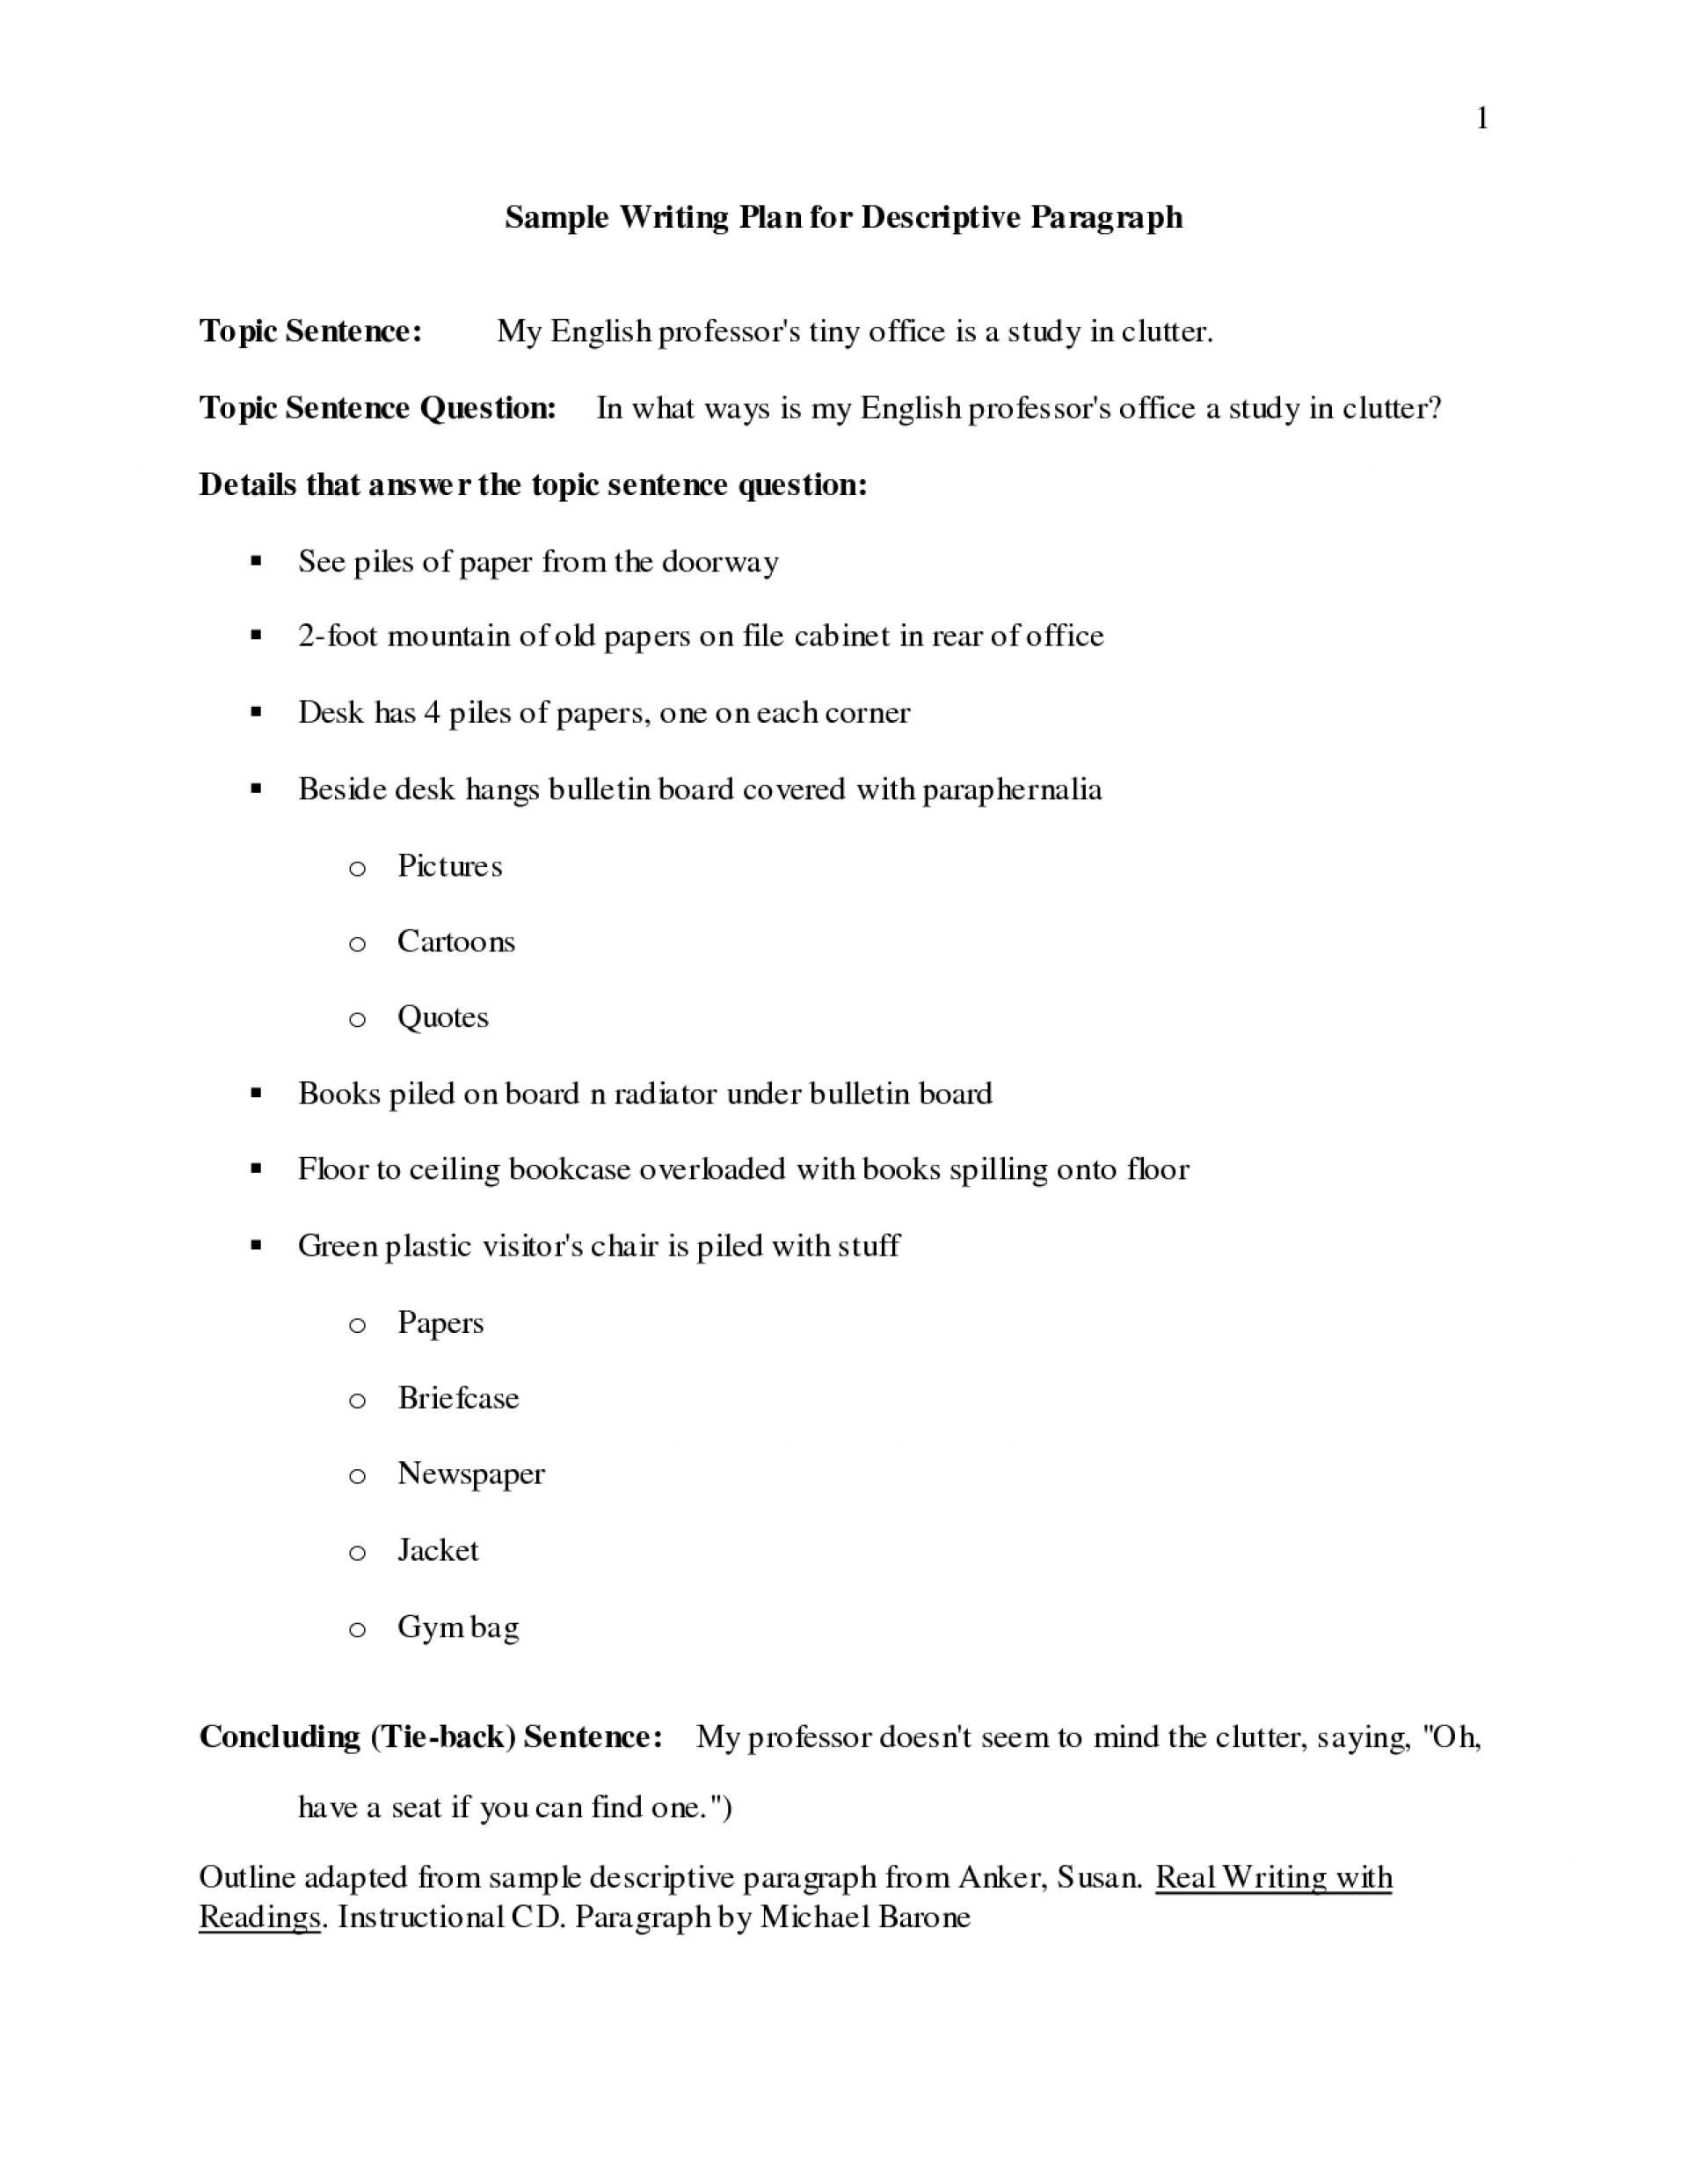 009 Outline Of Essay Descriptives 448810 Impressive Argumentative Sample Mla Format 1920